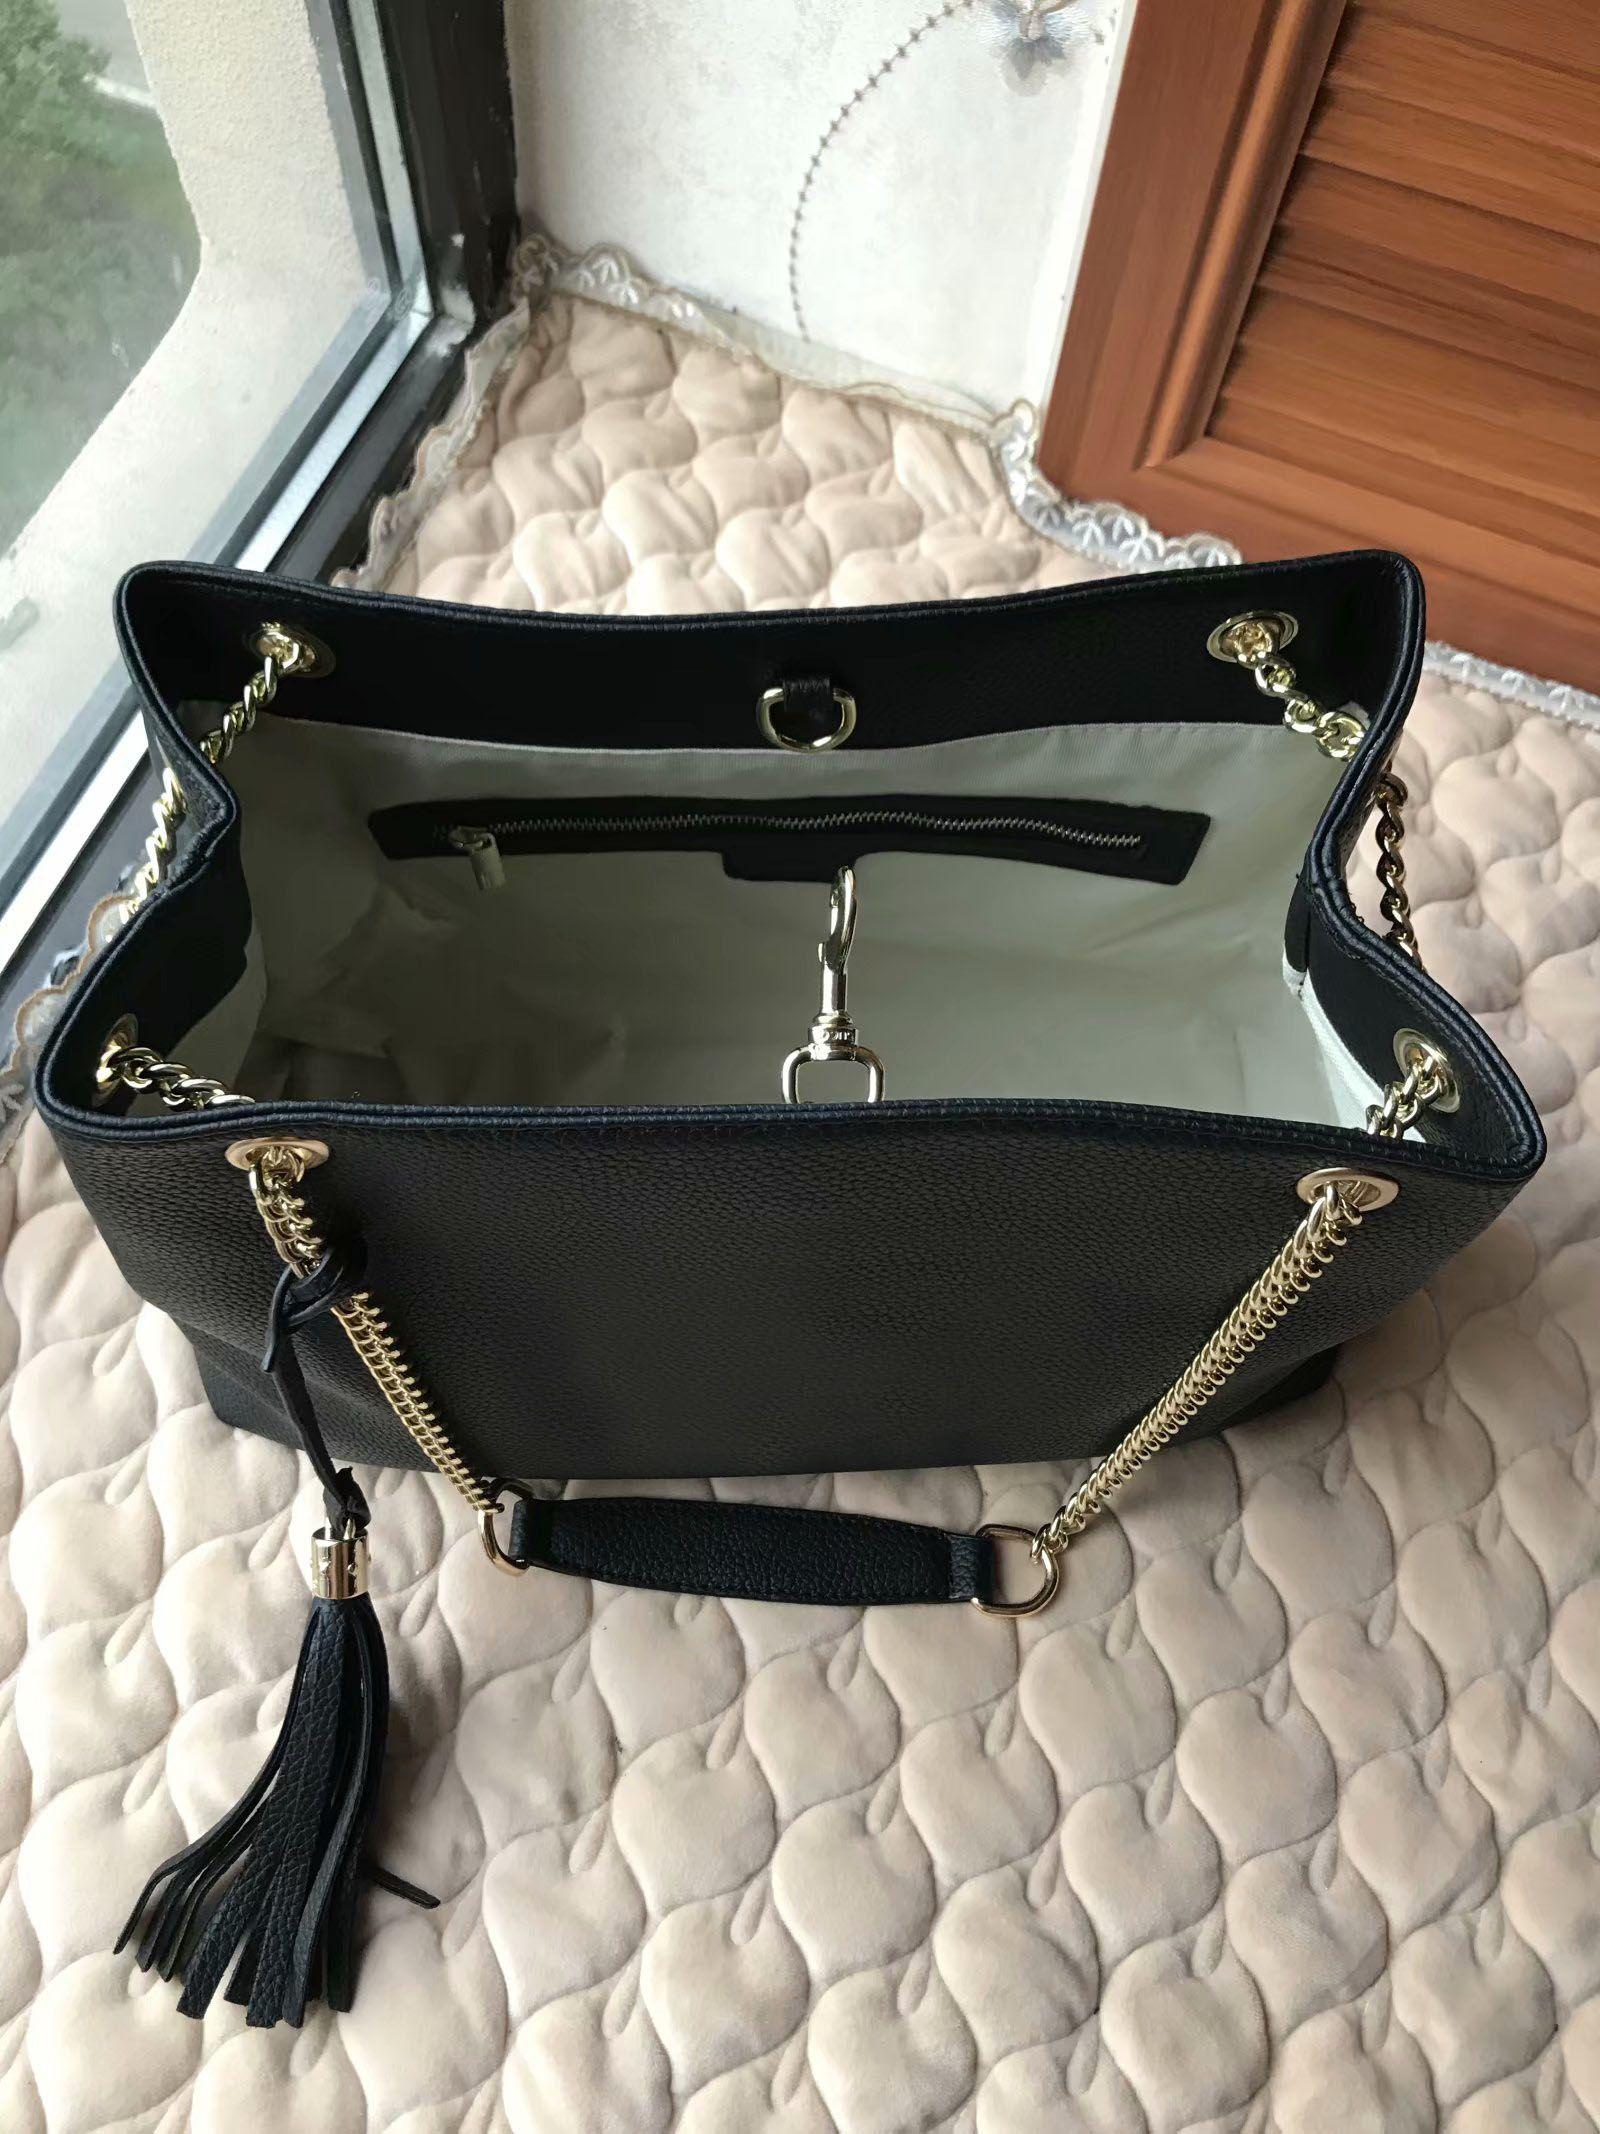 2020 Ünlü Siyah Kabartma deri Kadın Omuz çantası Püsküller Totes Kadınlar Çanta Lady Letter Messenger çanta Bayan siyah Akşam Çanta